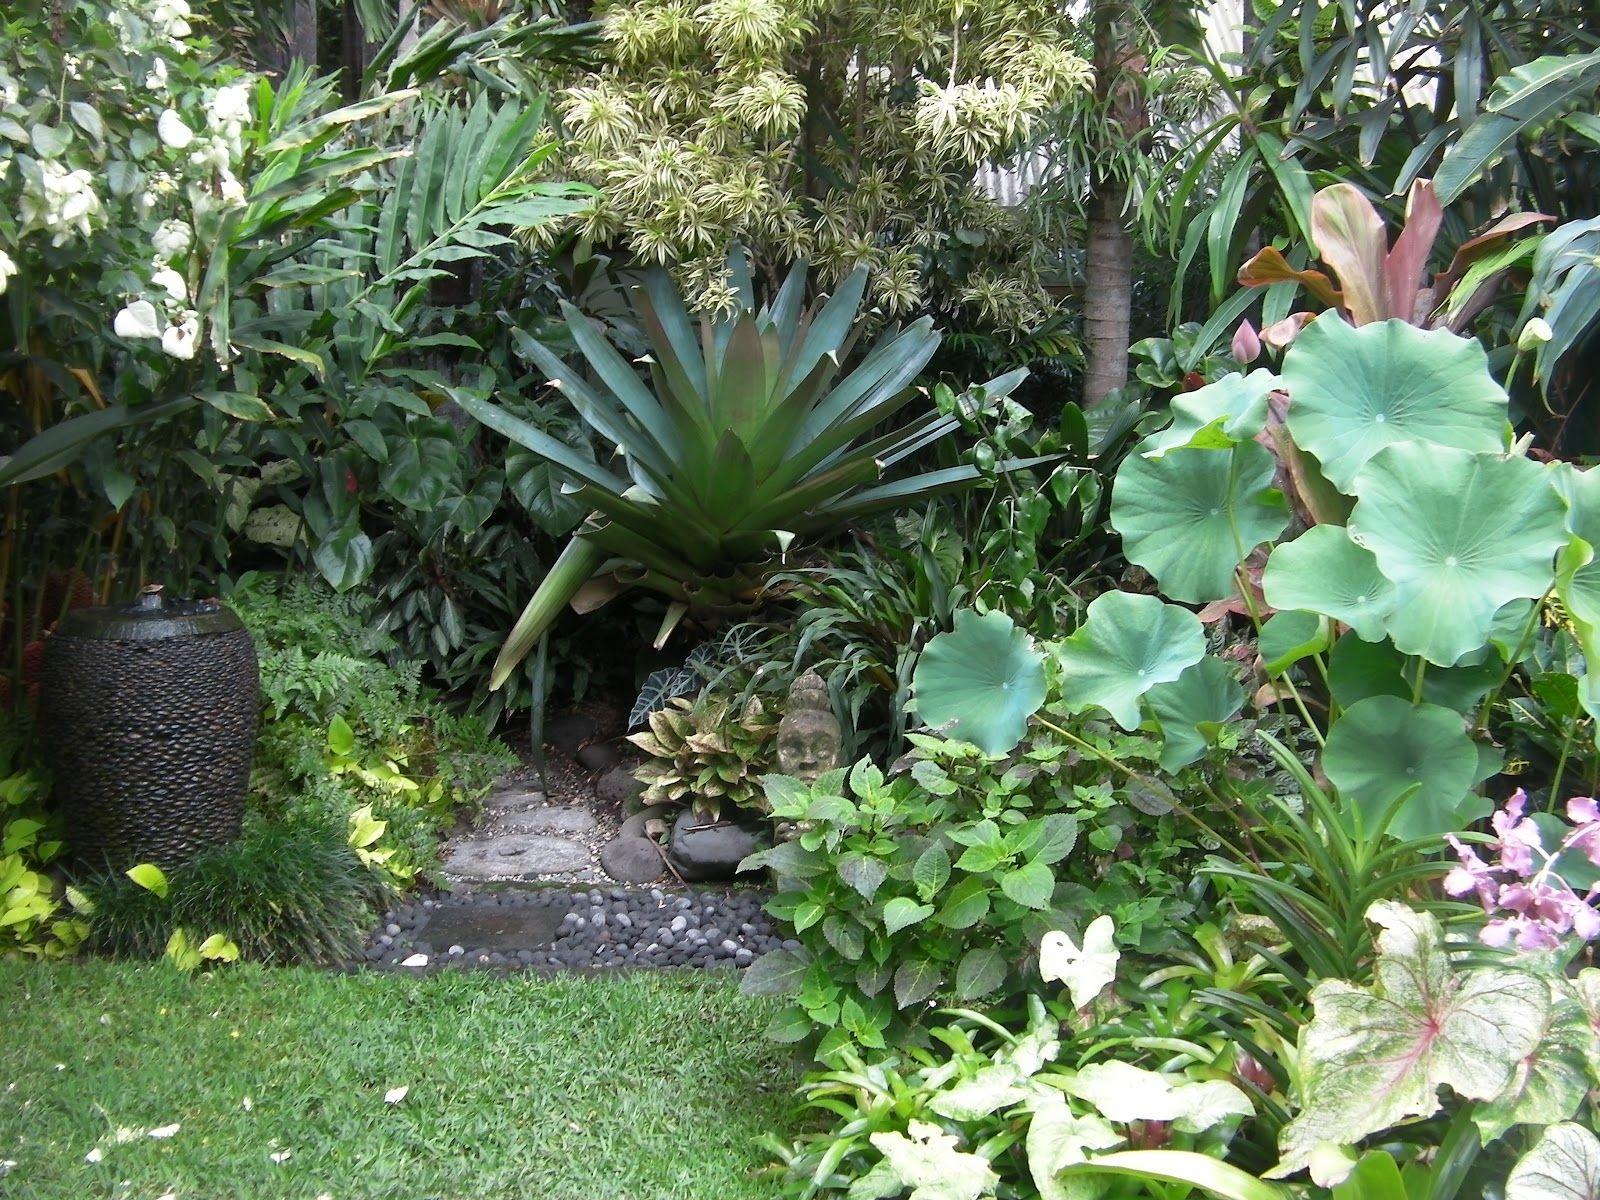 How to create a tropical garden - Tropical Garden Ideas To Create His Ambling Trail Through Glorious Tropical Garden